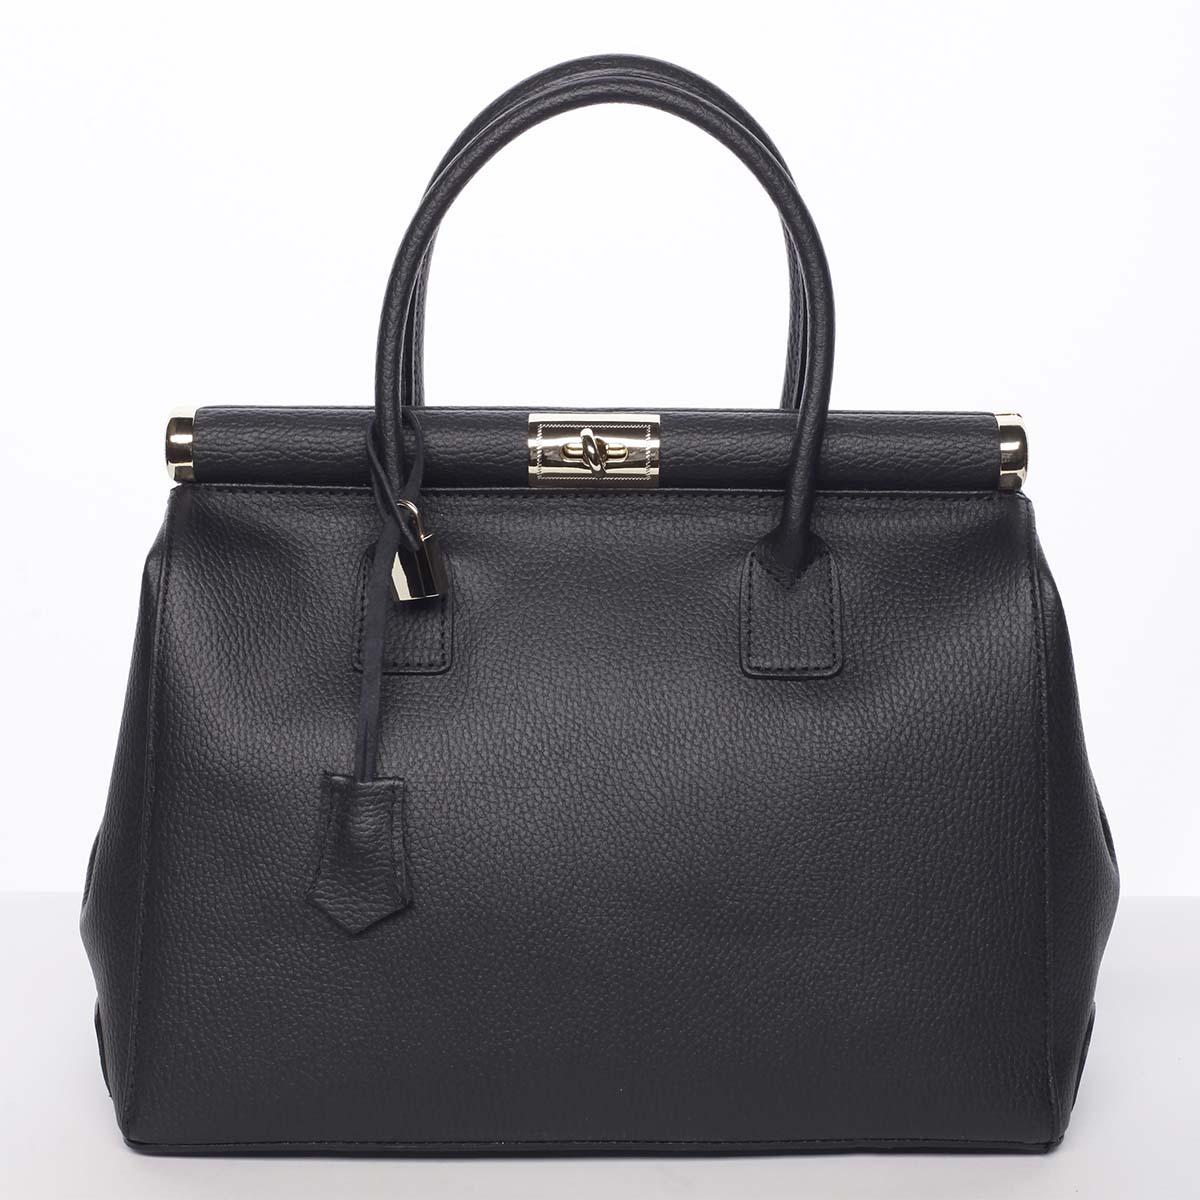 Originálna módna dámska kožená kabelka do ruky čierna - ItalY Hila